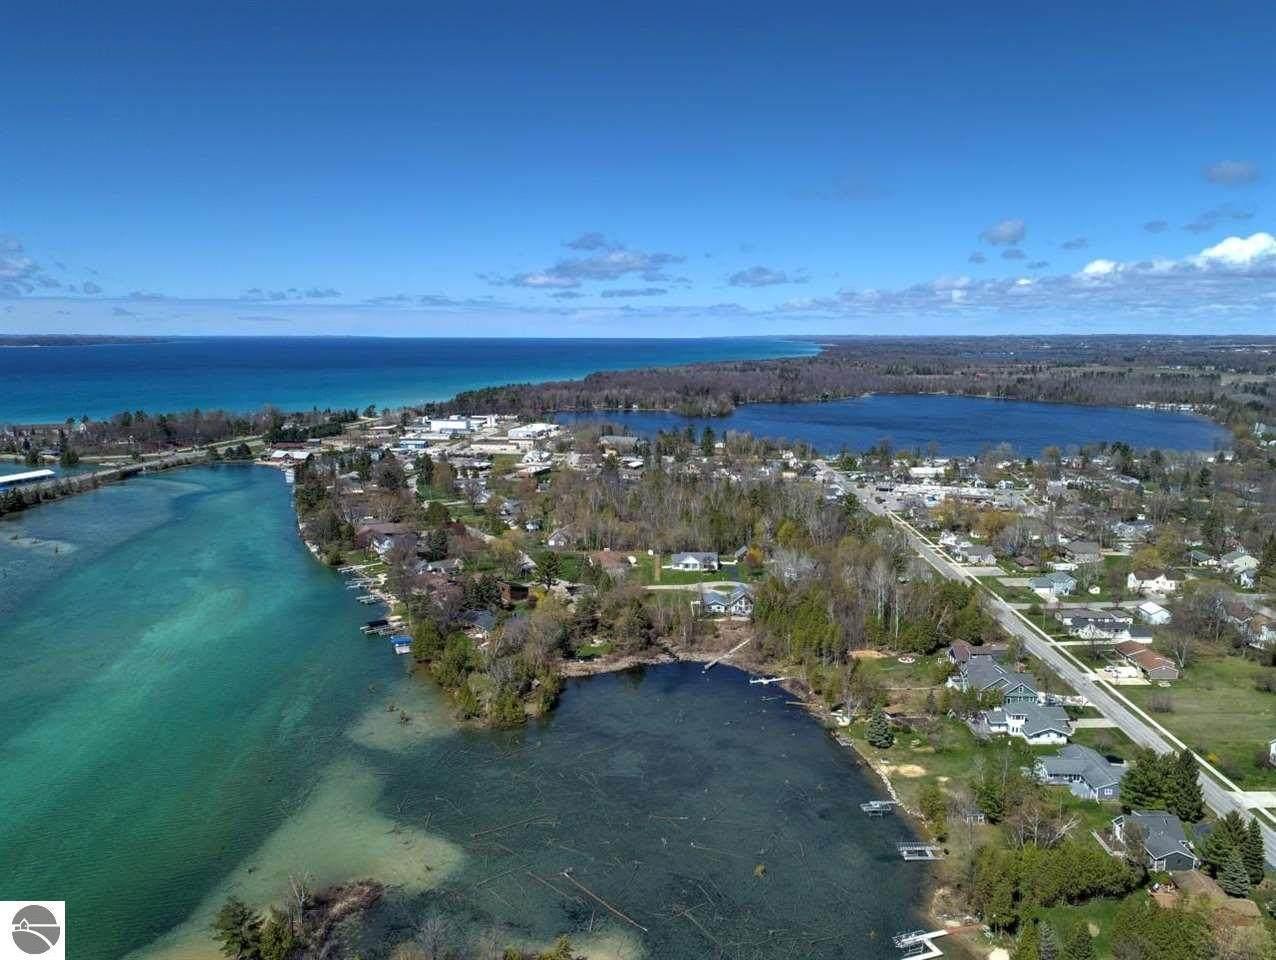 Lot 9 Rivershore Drive - Photo 1